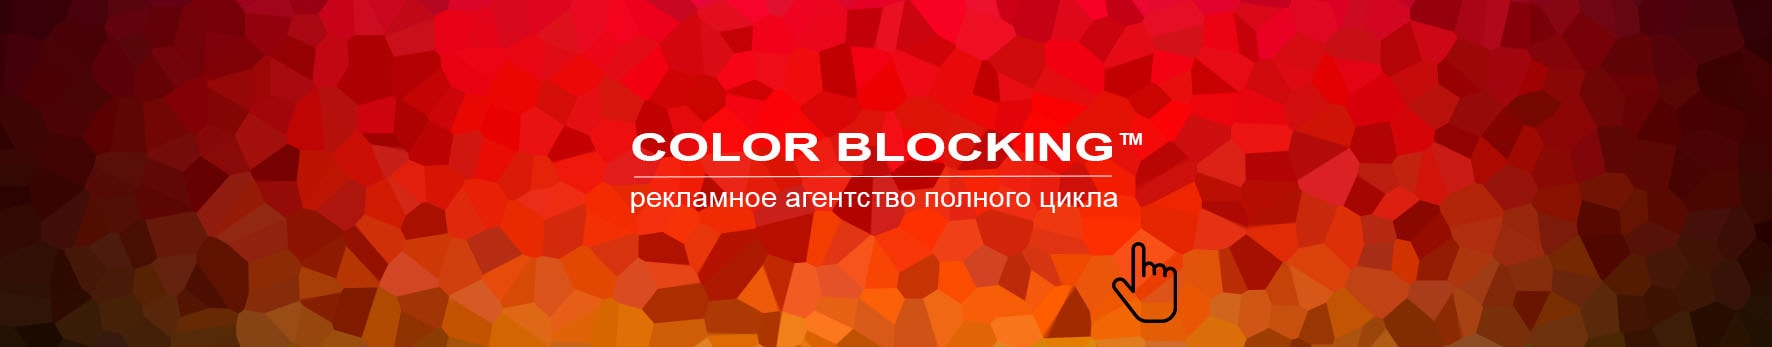 Рекламный щит агентство